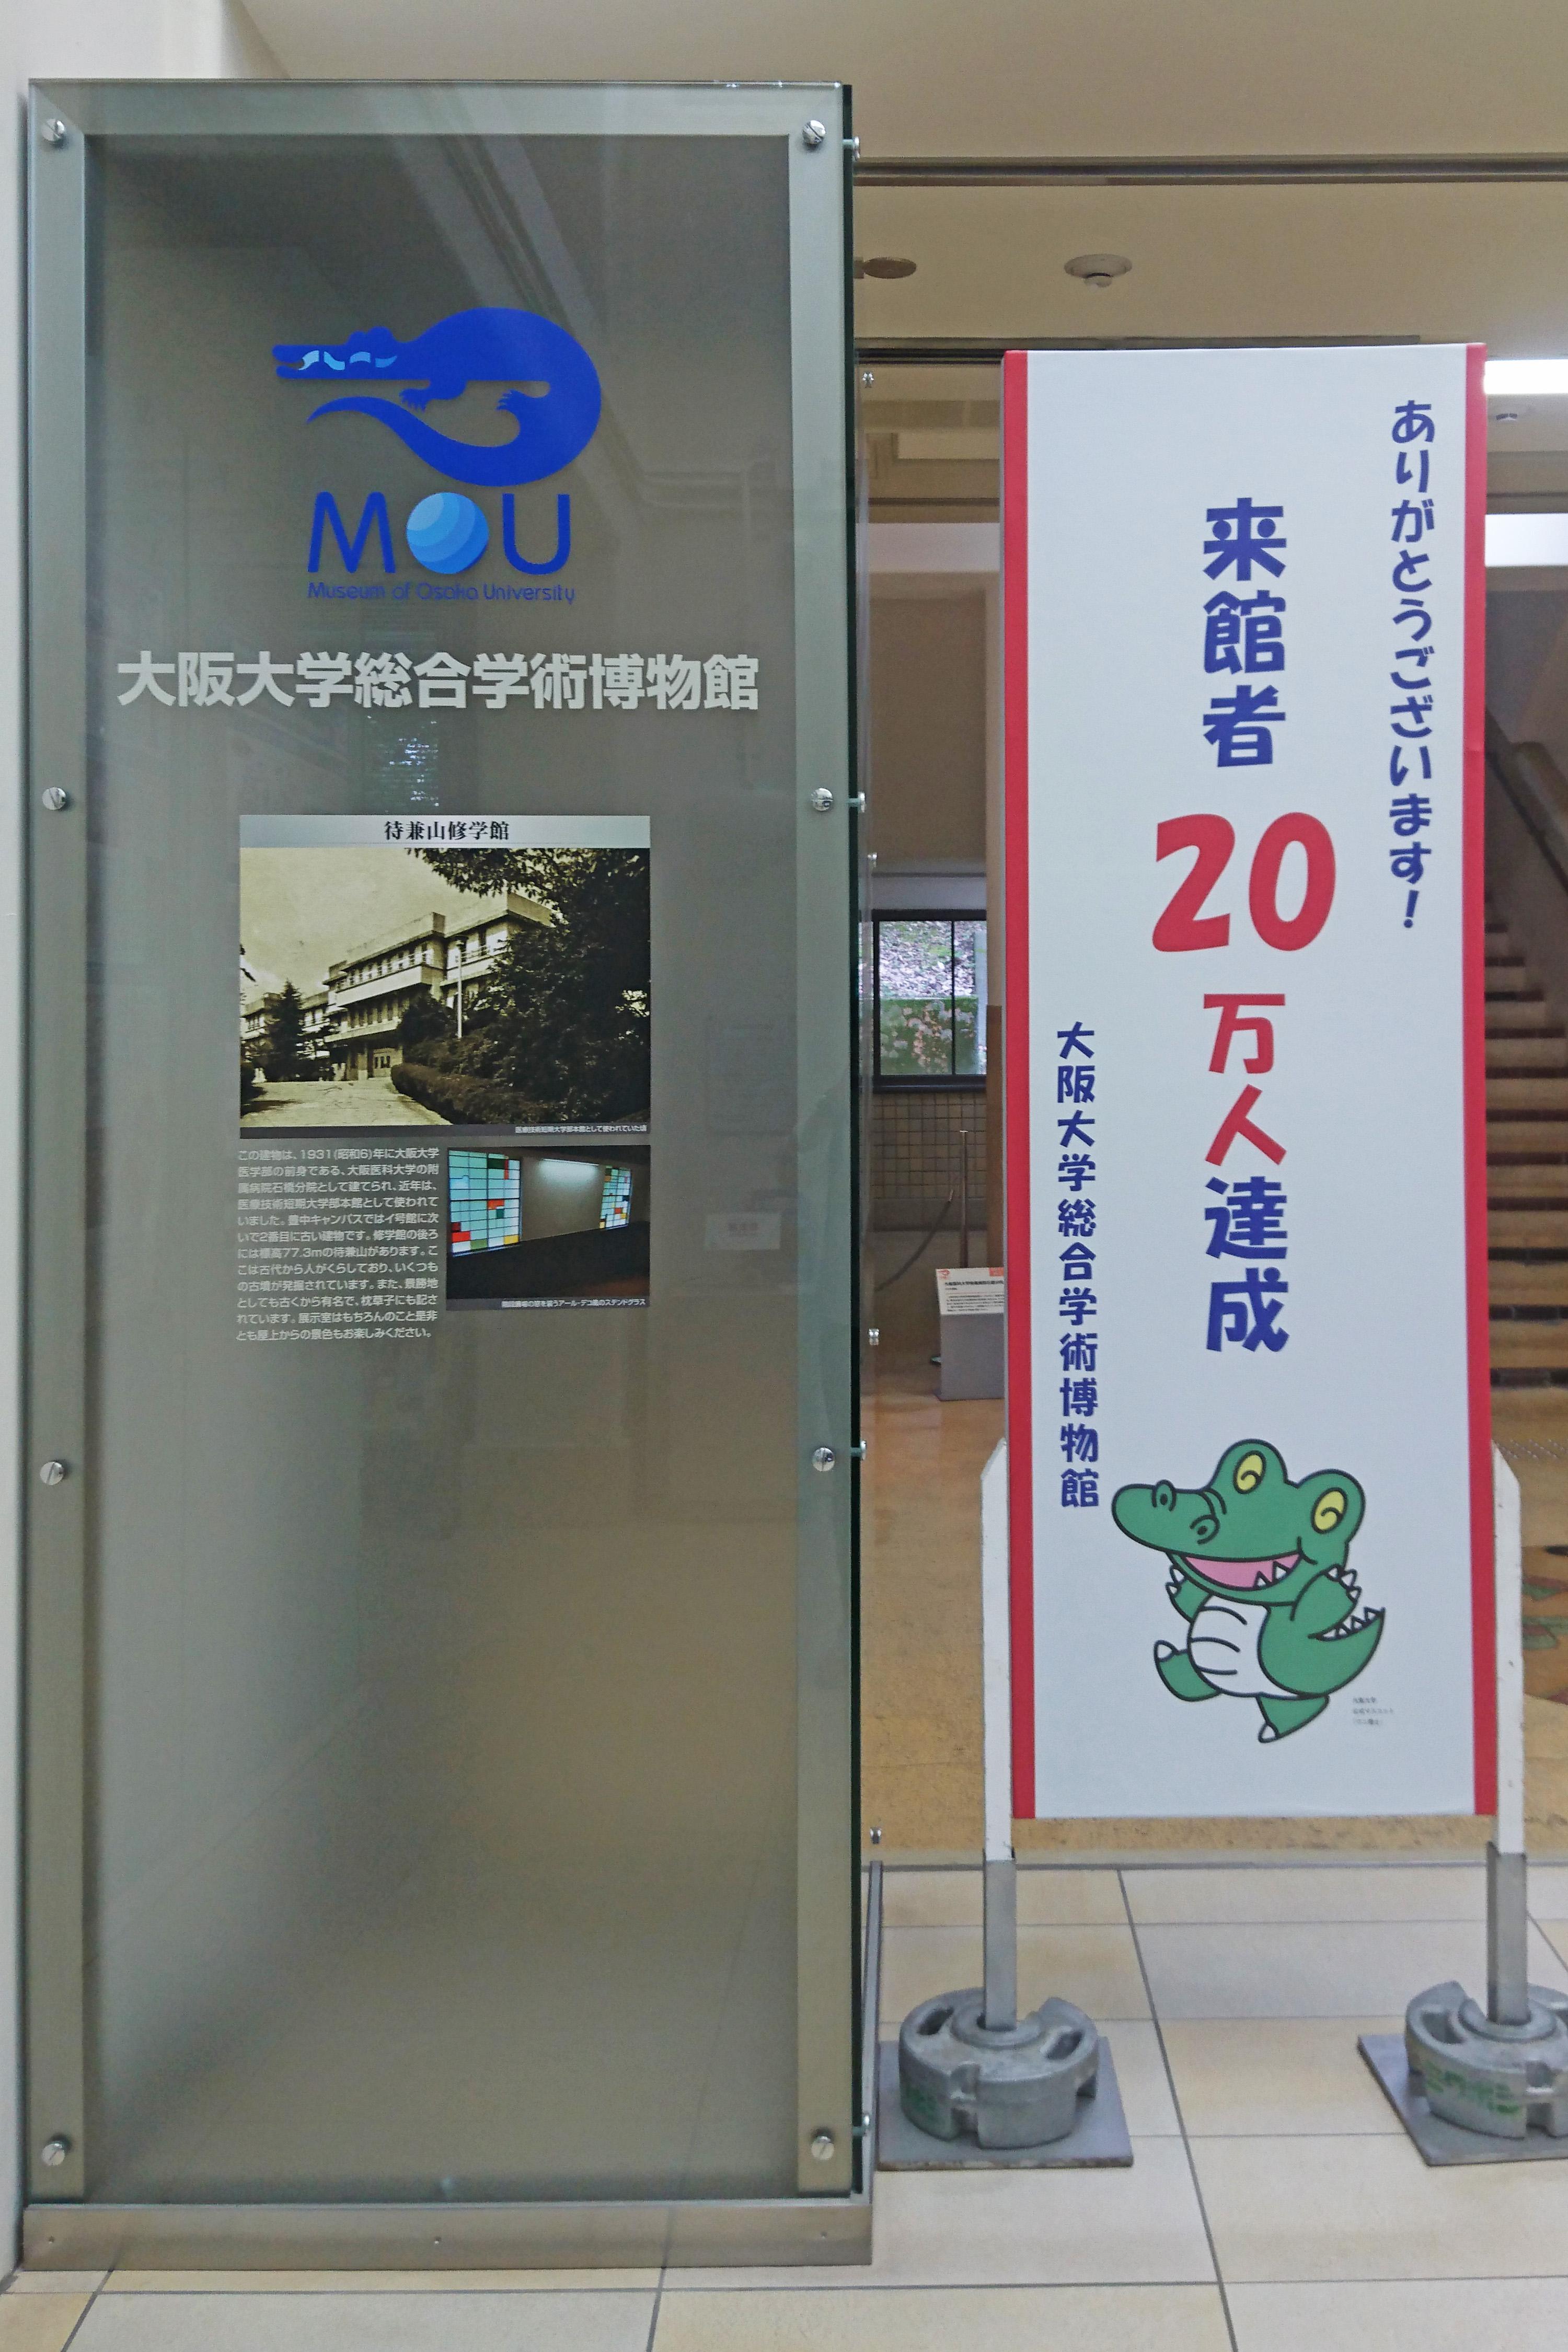 総合学術博物館に飾られた来館者20万人達成を知らせる看板(撮影=垣内勇哉)